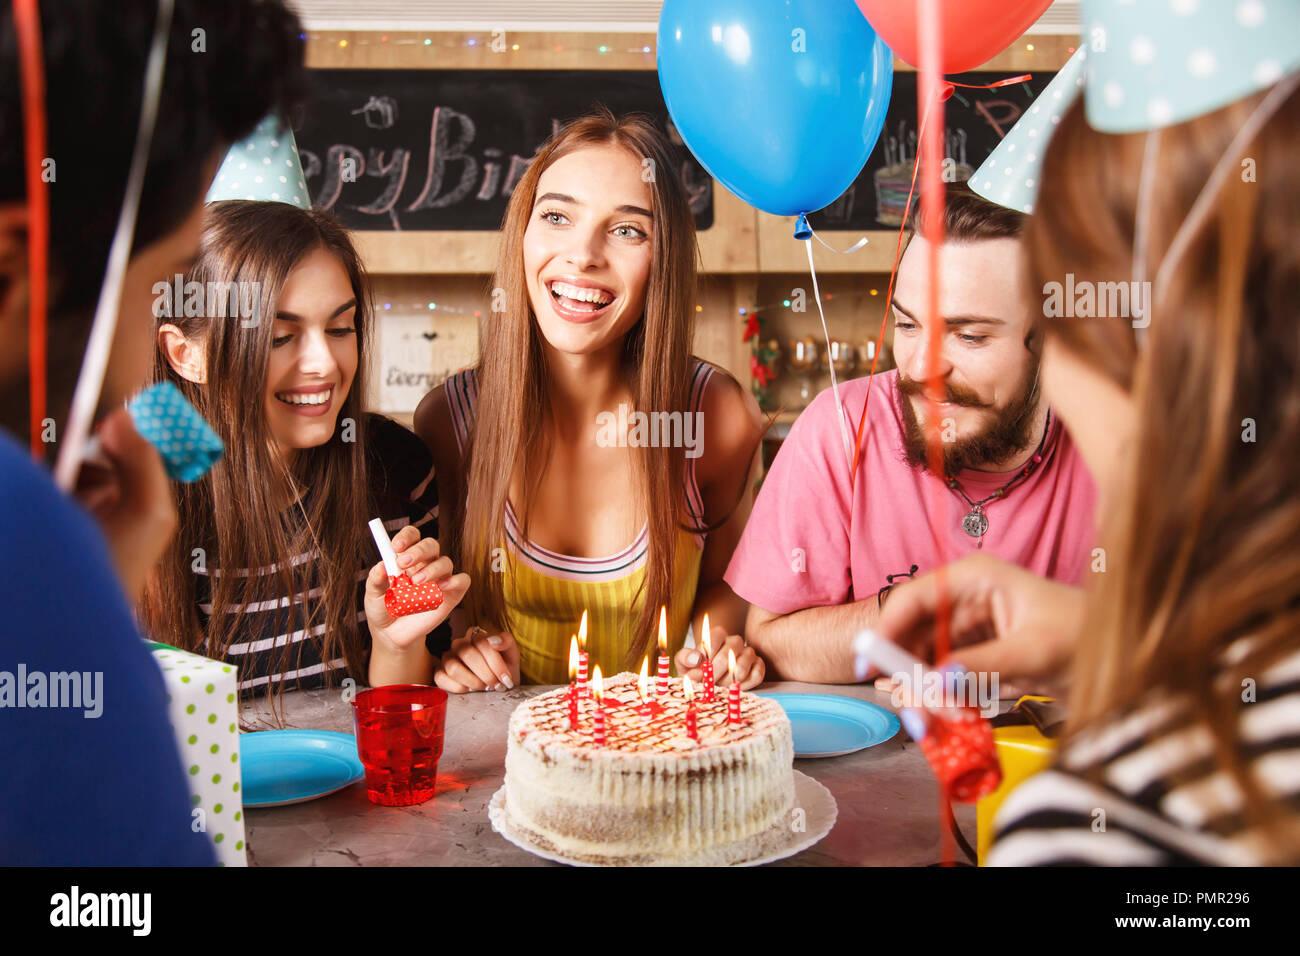 Fünf junge Erwachsene feiern eine Party, wie Sie sitzen um einen Tisch mit Kuchen und Partei Hüte Stockbild